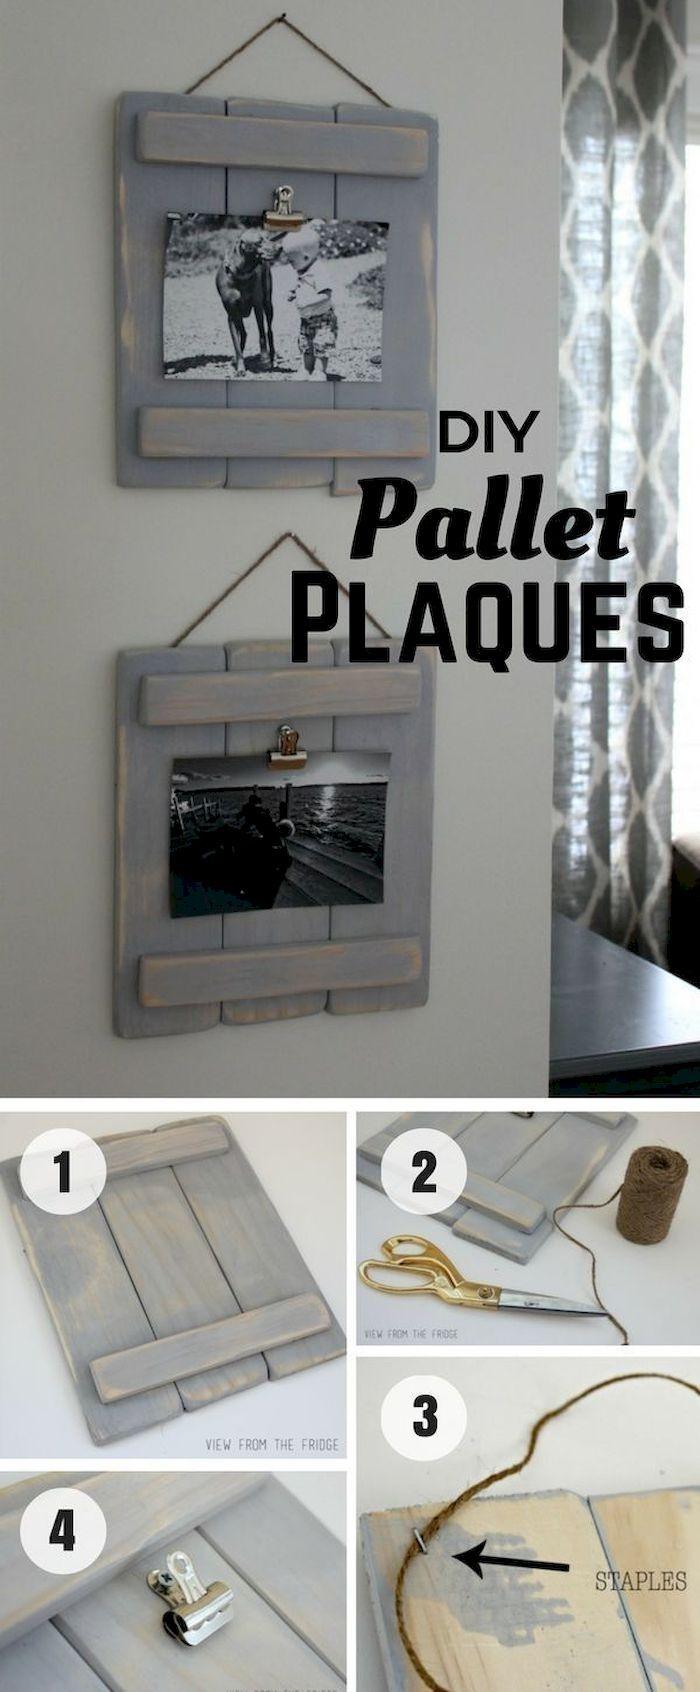 50+ einfache und atemberaubende Ideen für DIY-Holzprojekte zur Dekoration Ihres Zuhauses